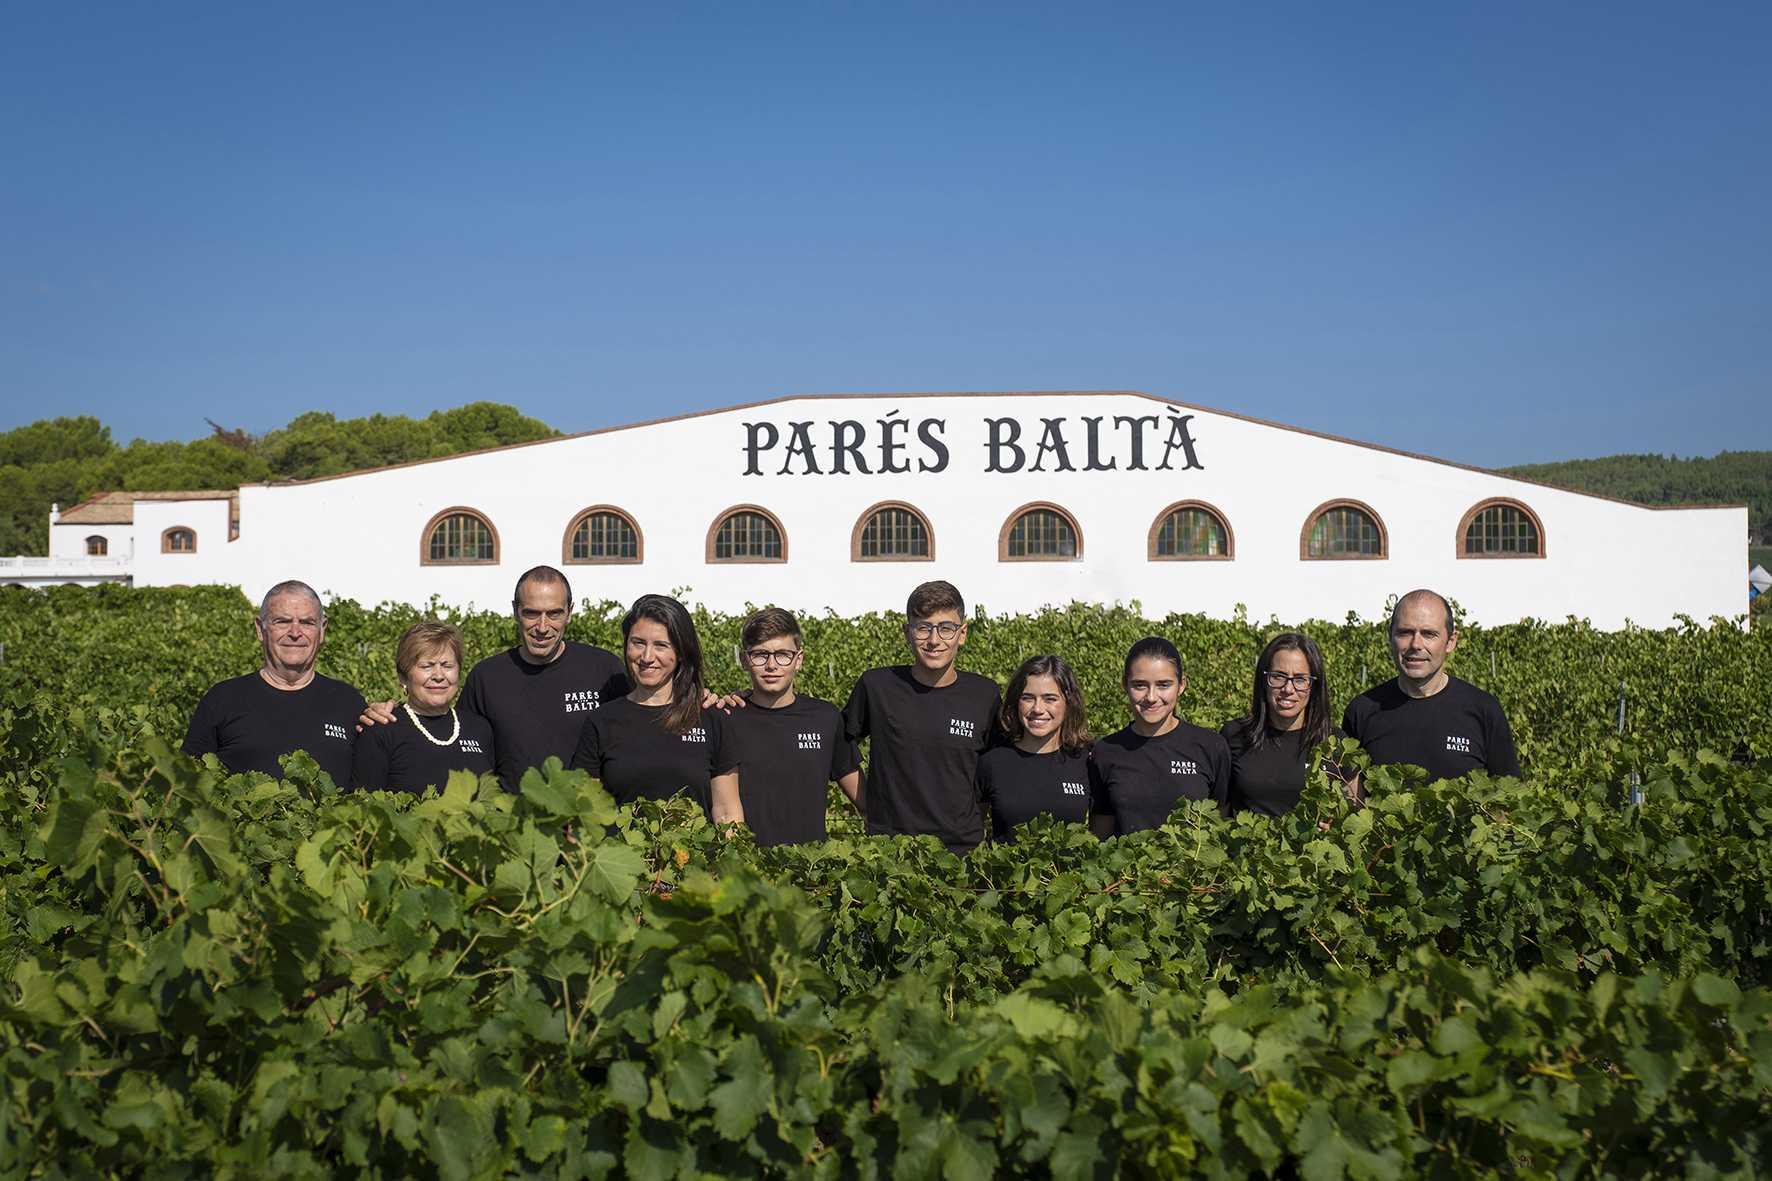 Parés Baltà - Vinos y Cavas ecológicos y biodinámicos del Penedés familia imatge web